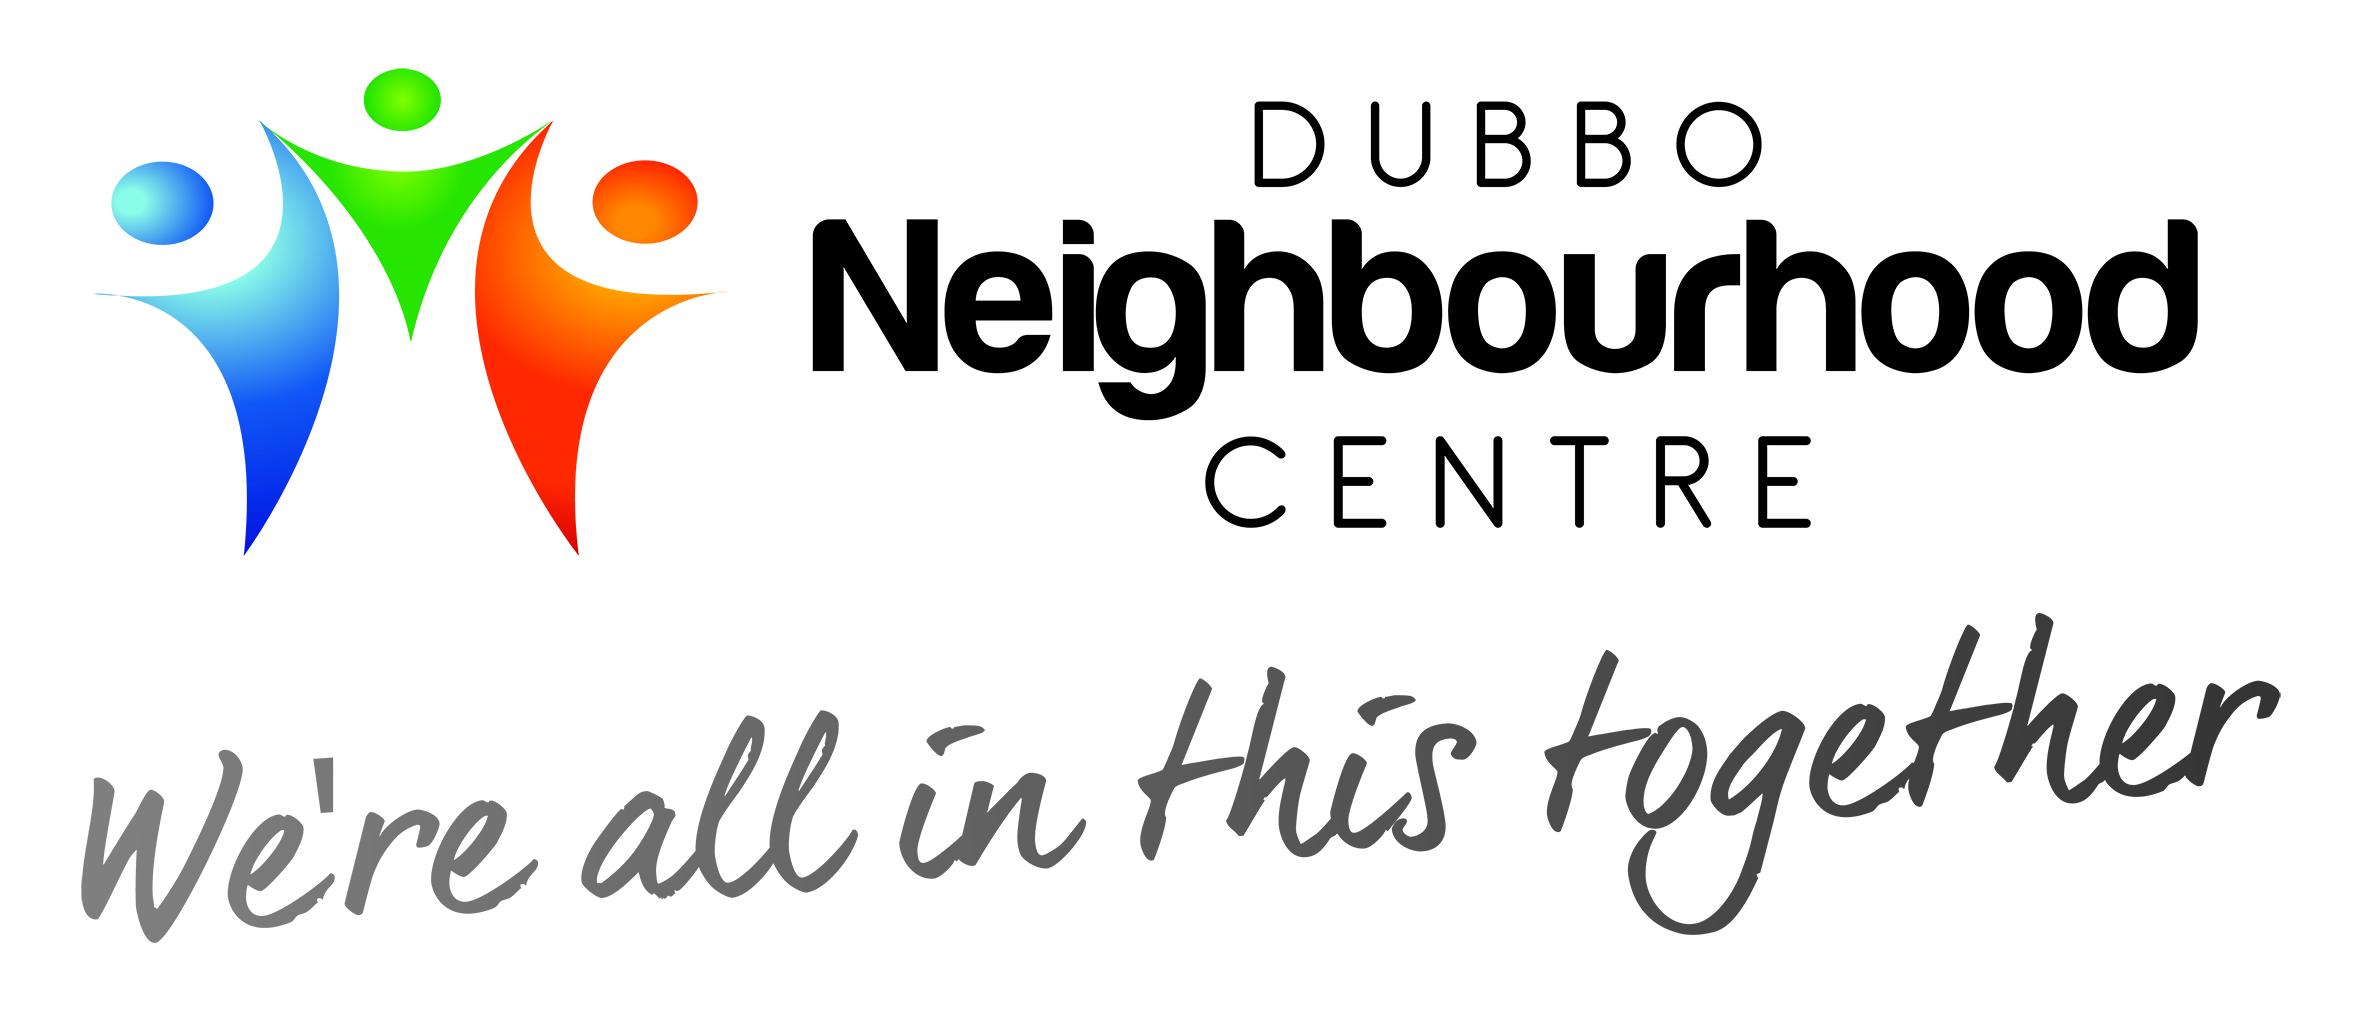 Dubbo_Neighbourhood_Centre_Logo_2016